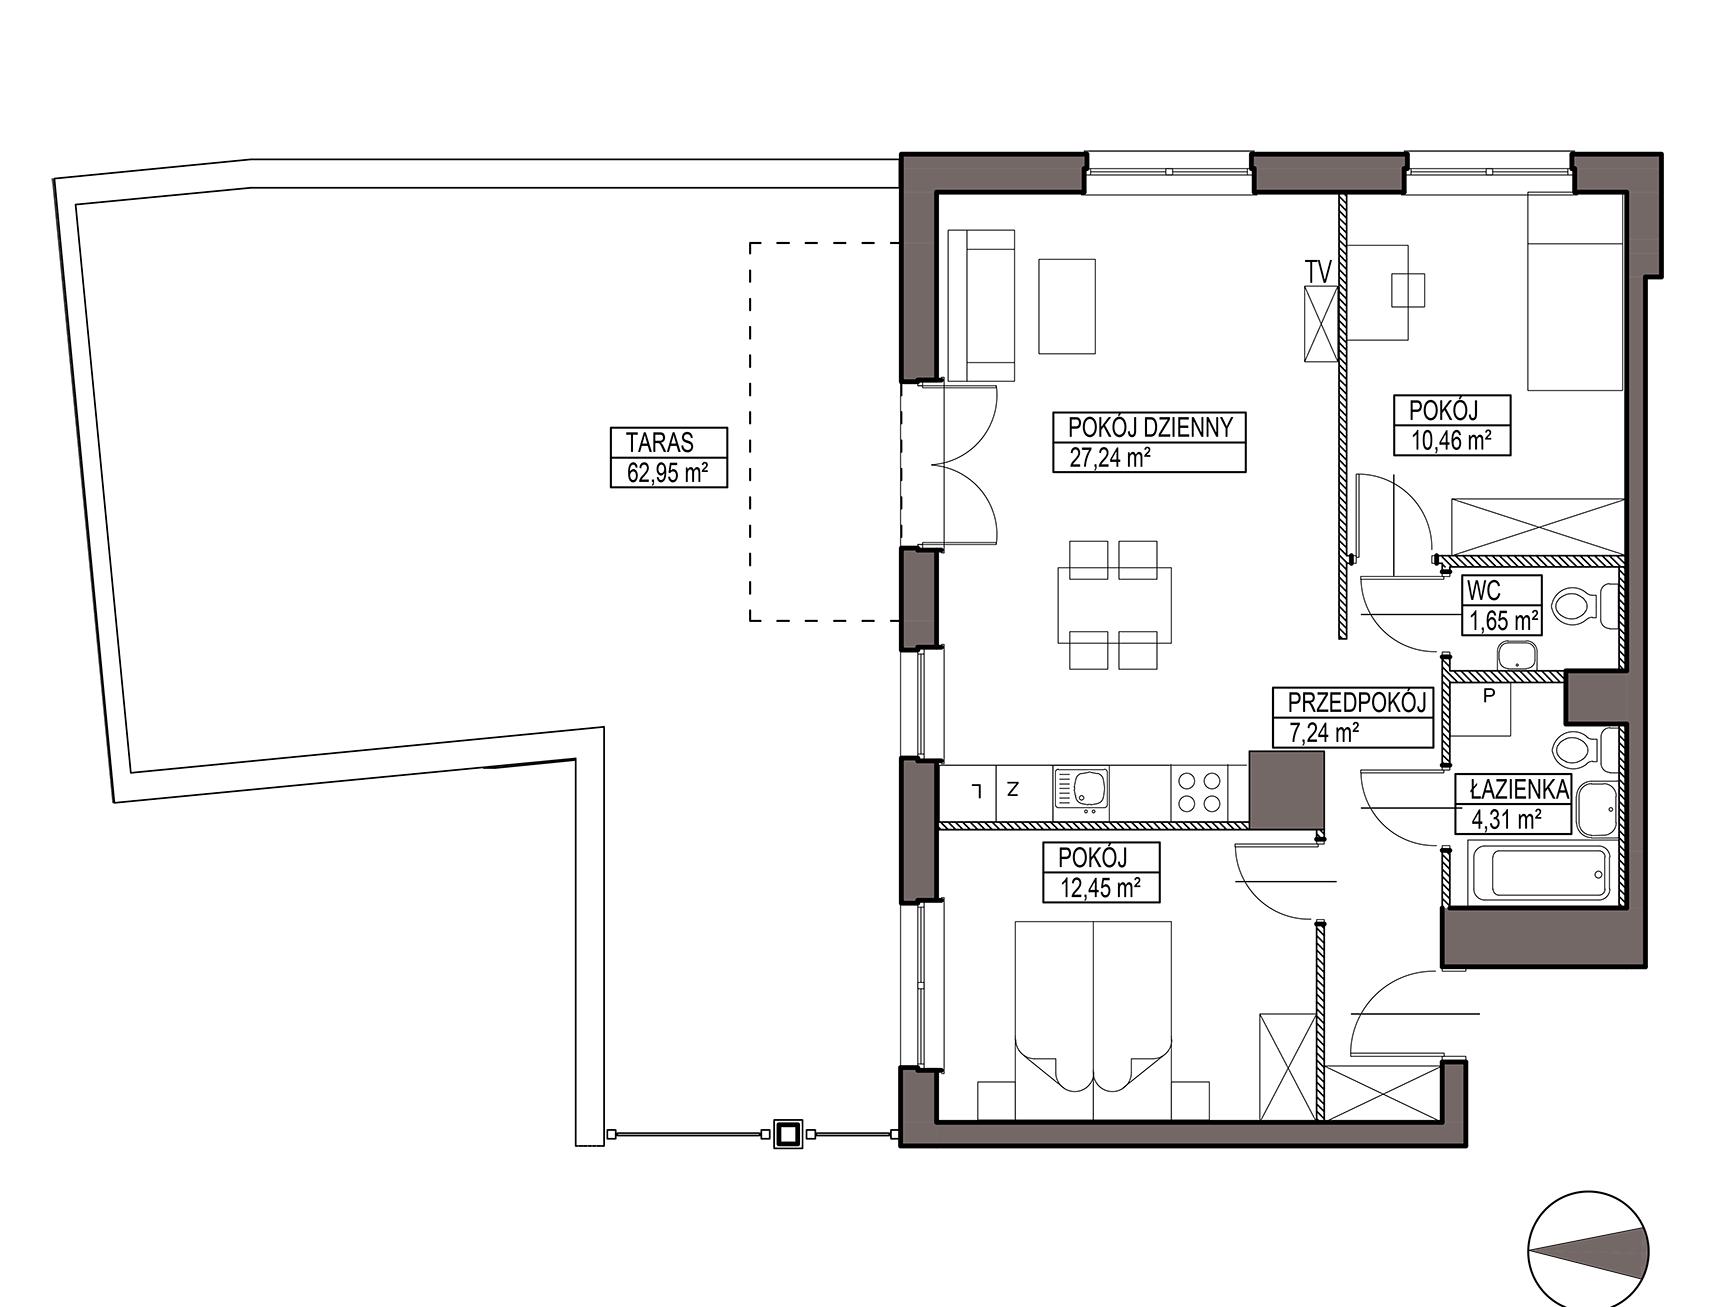 Uroczysko III / budynek 6 / mieszkanie H/0/3 rzut 1